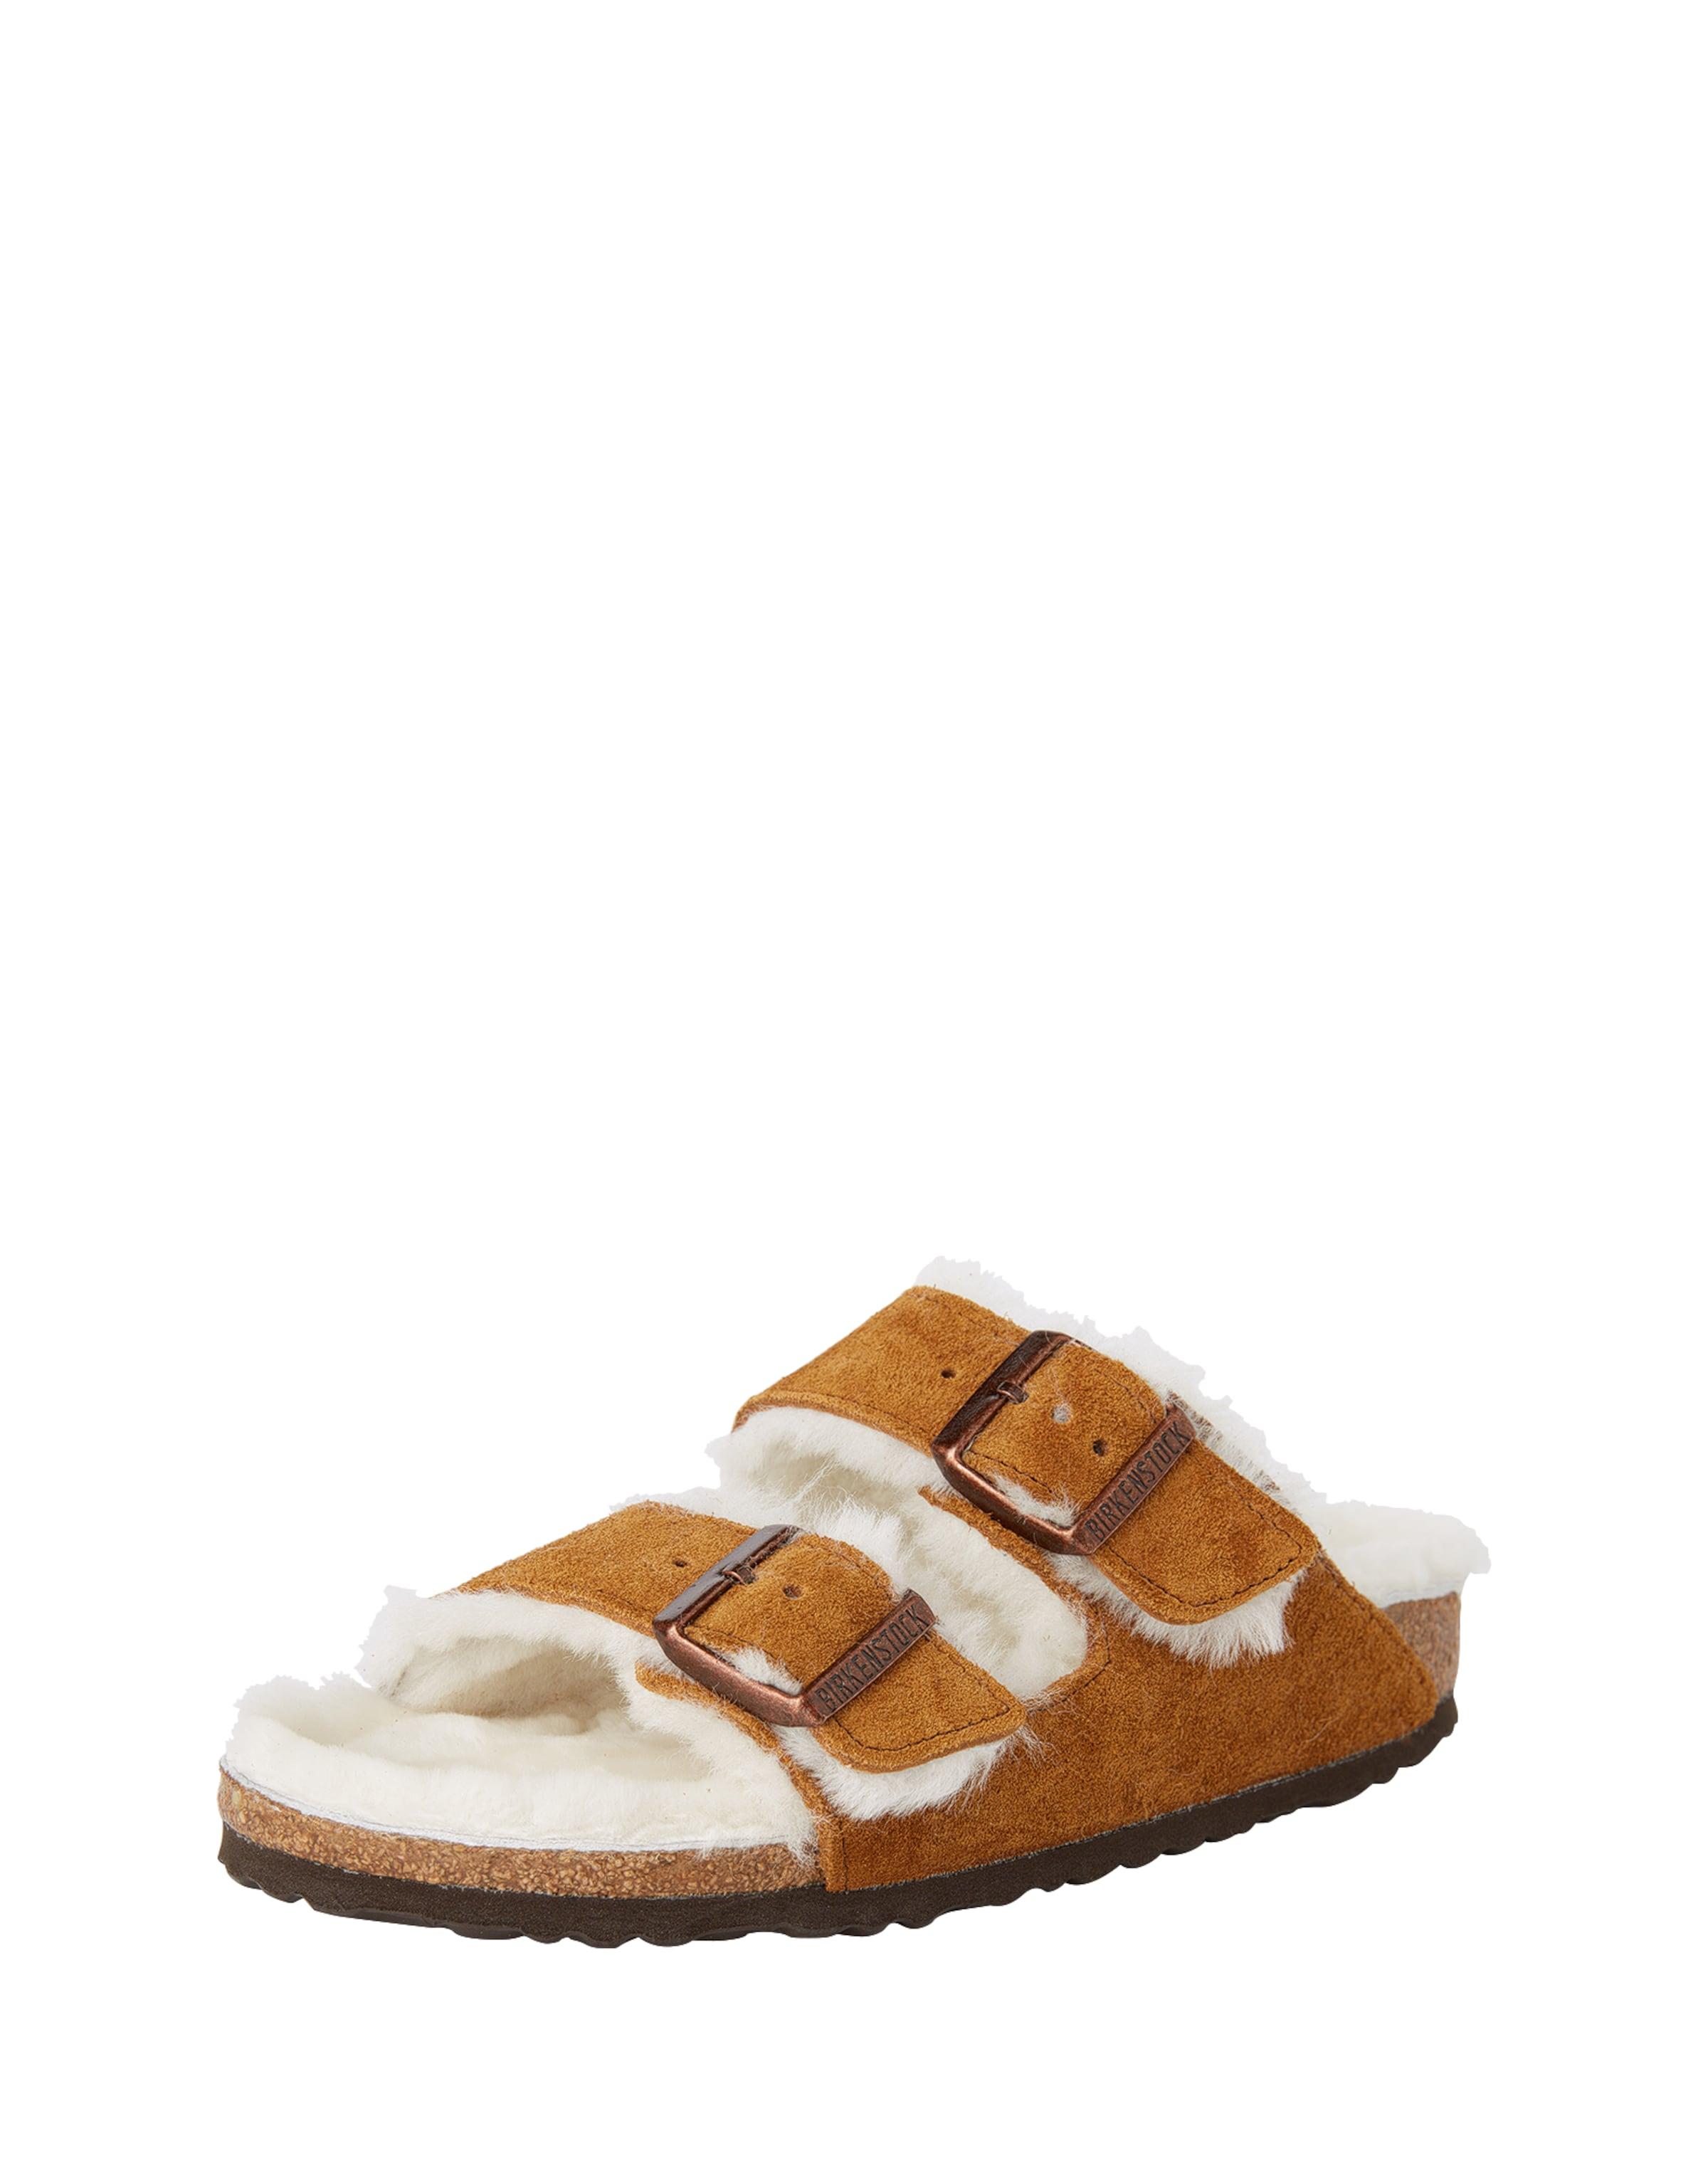 BIRKENSTOCK | Pantoletten mit Fell-Futter 'Arizona' Schuhe Gut getragene Schuhe